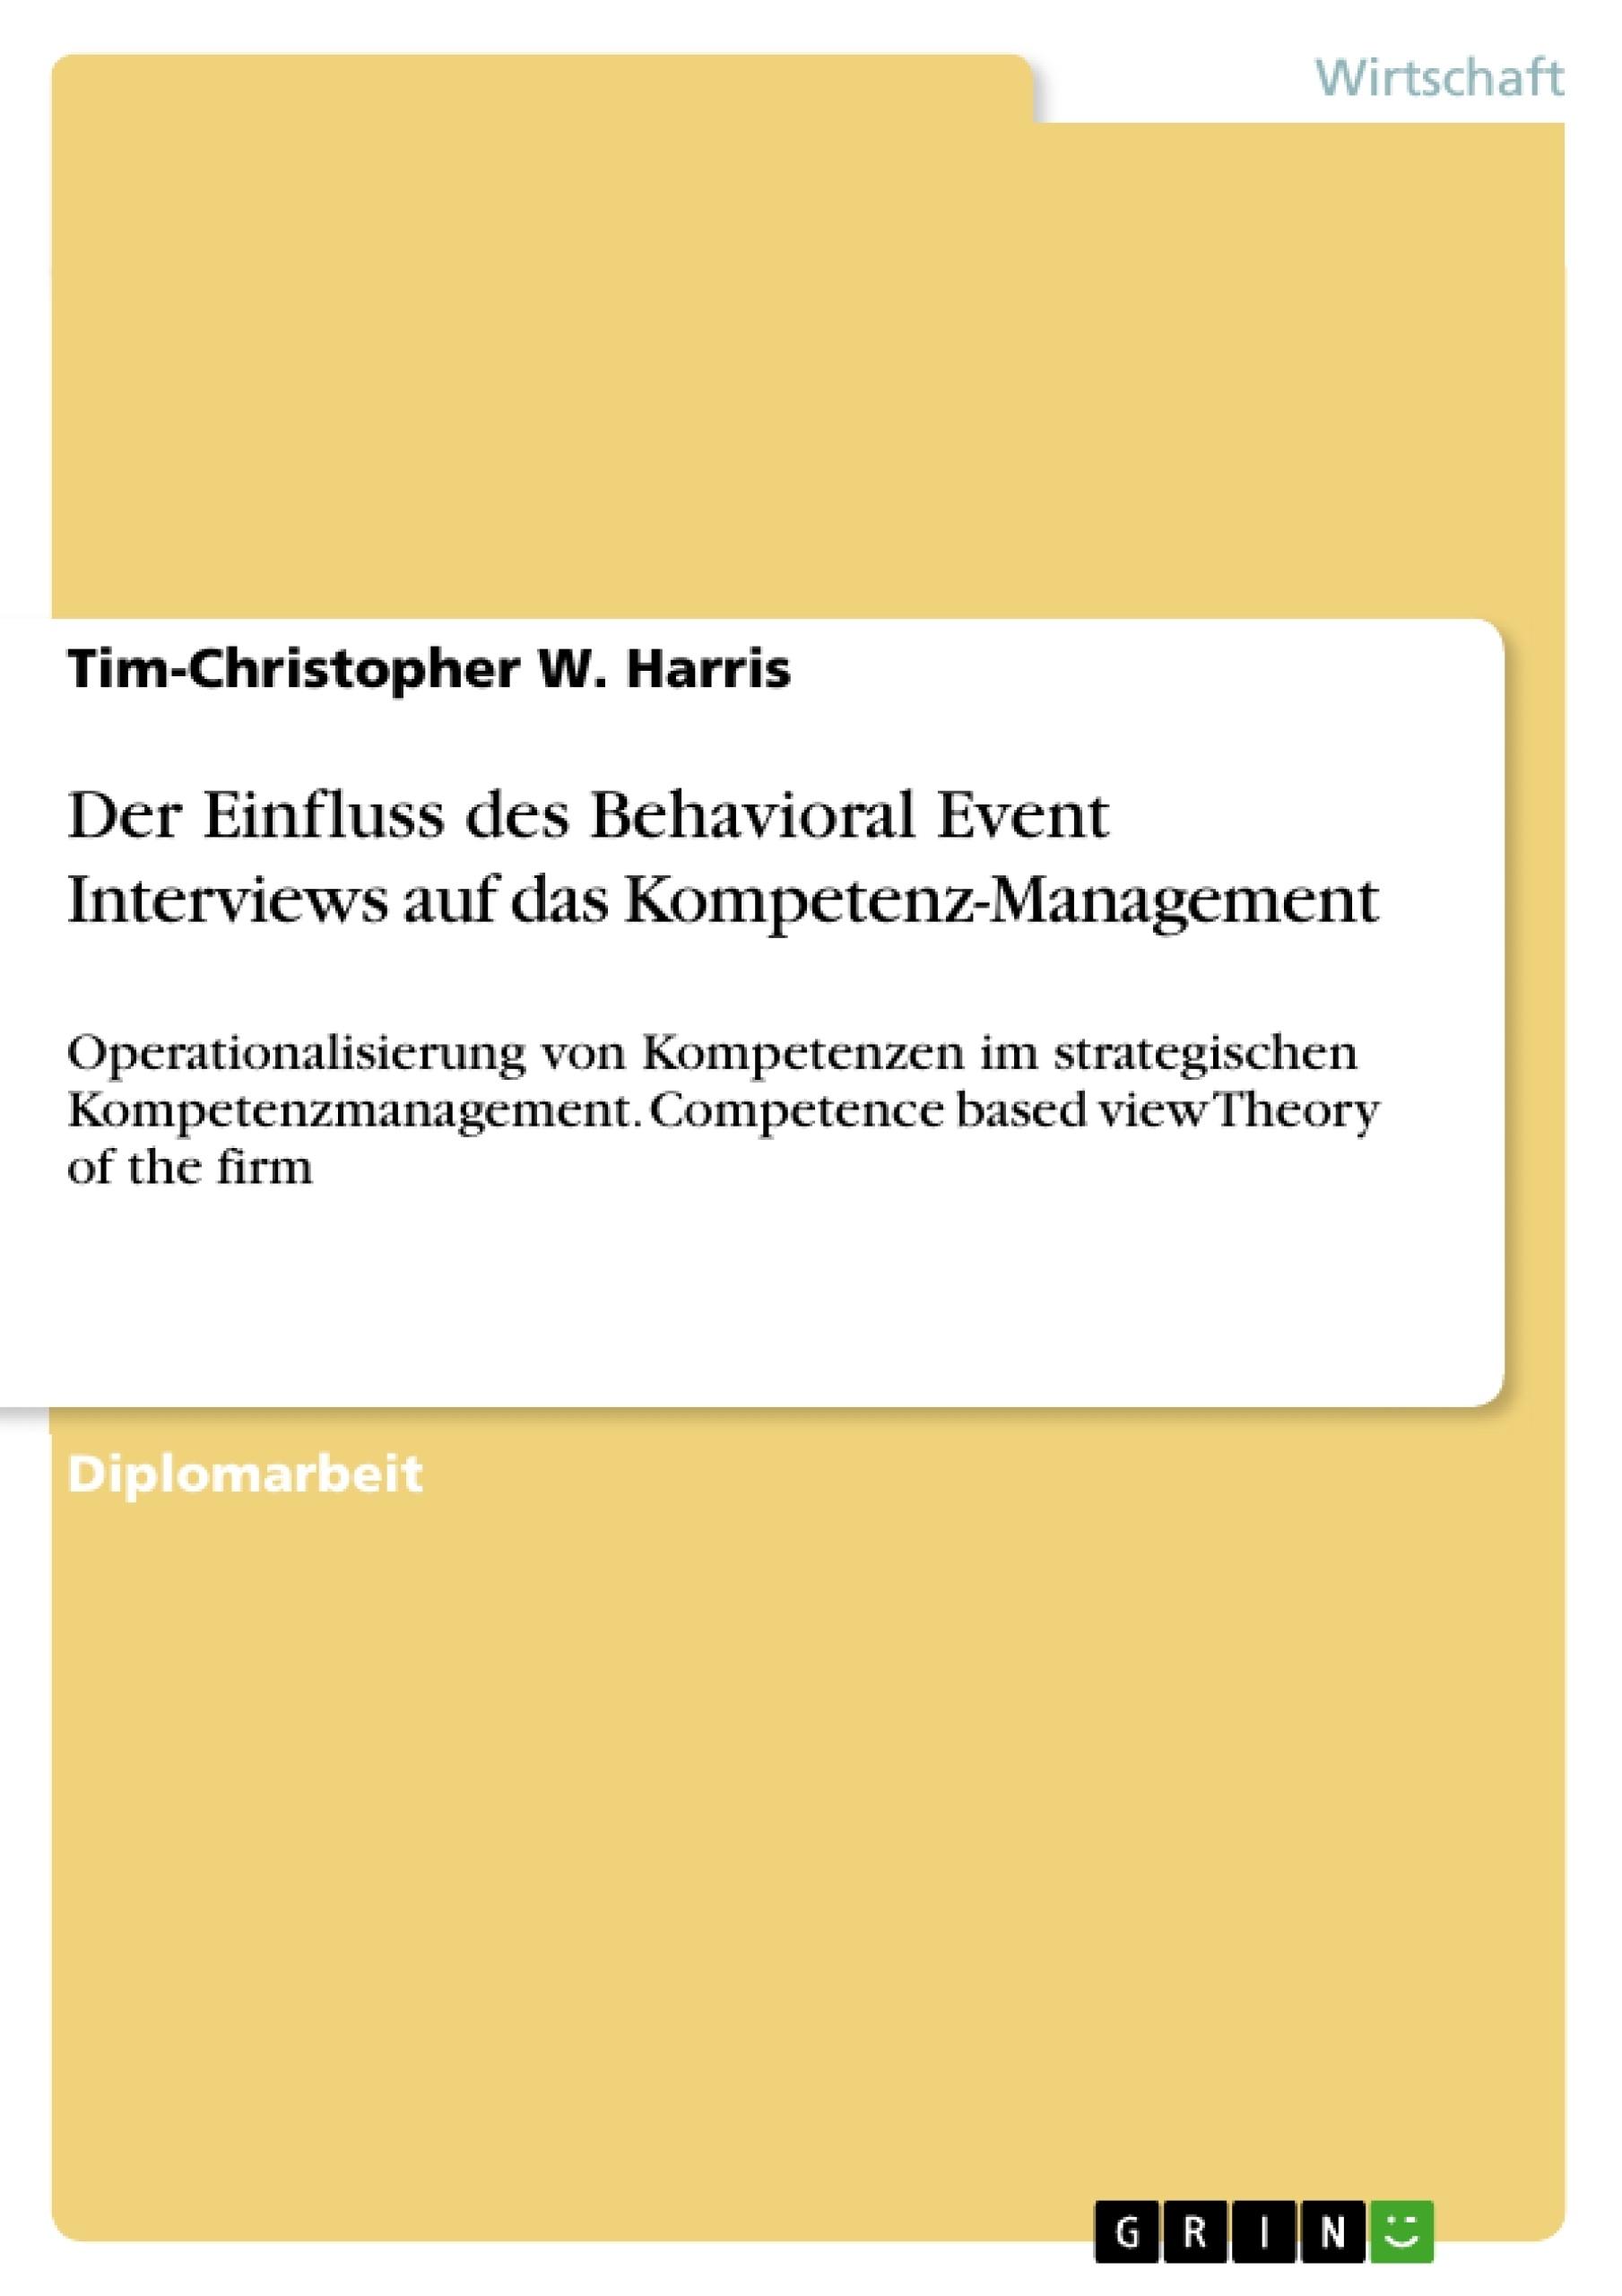 Titel: Der Einfluss des Behavioral Event Interviews auf das Kompetenz-Management